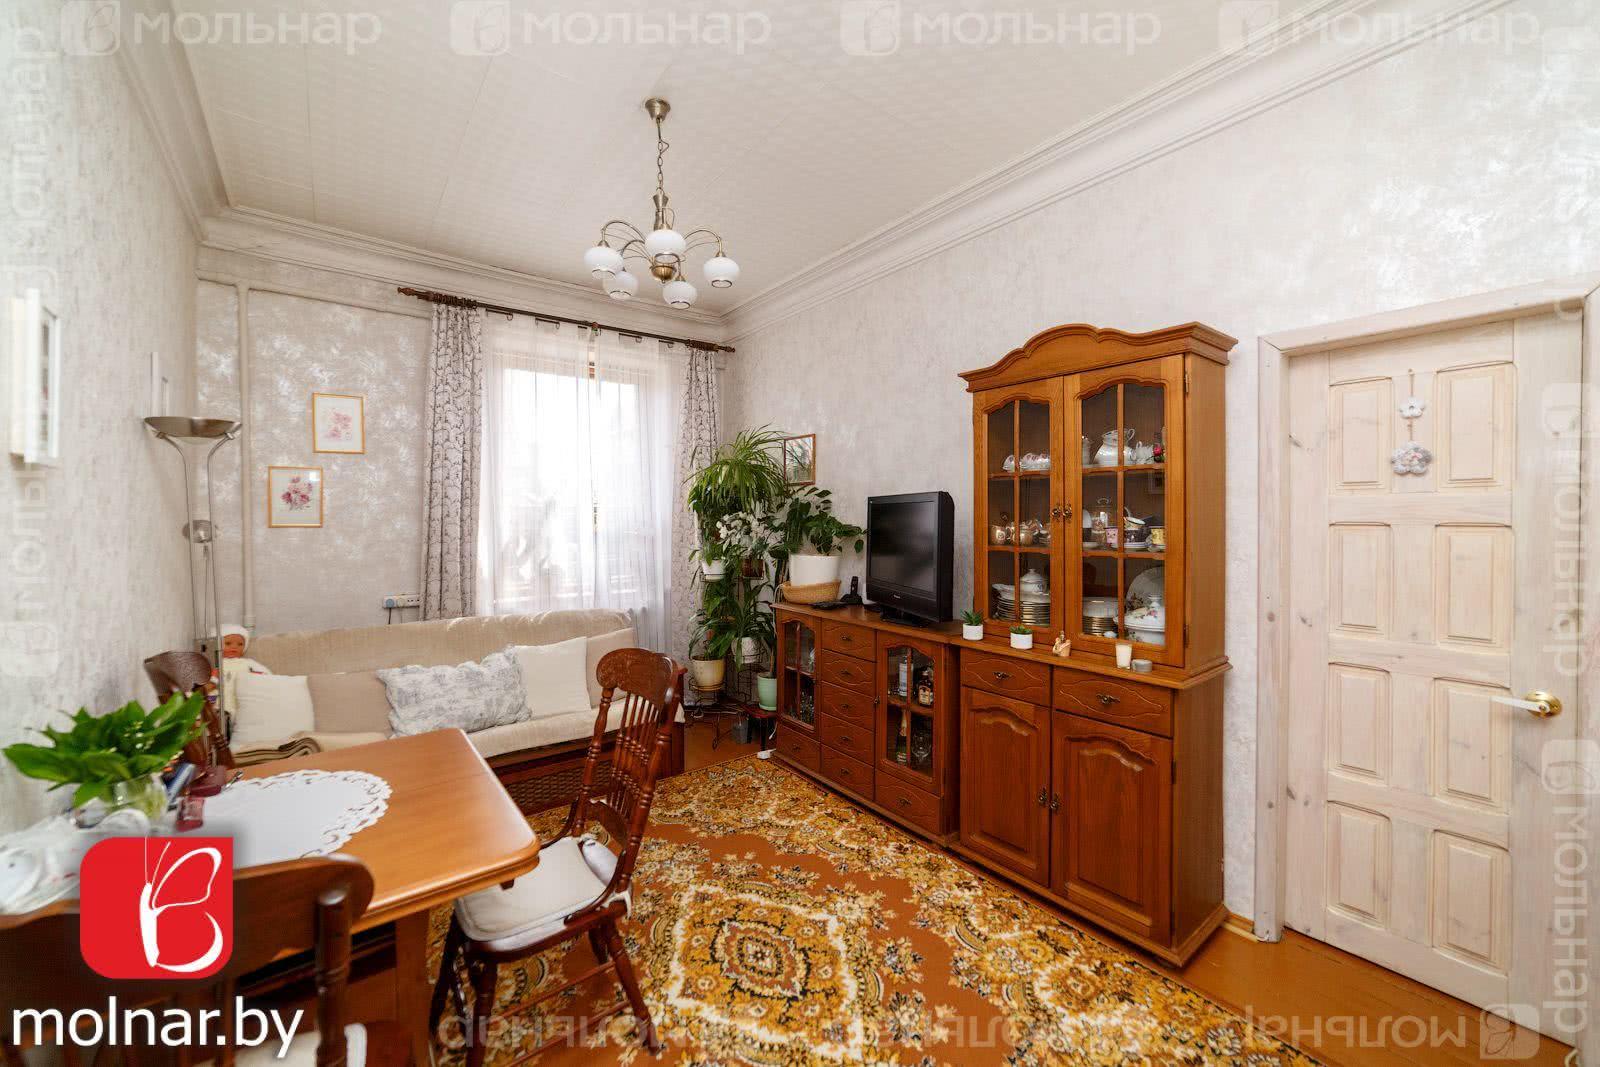 Продажа полдома в 2-этажном доме в Минске, пер. Орловский 3-й - фото 5